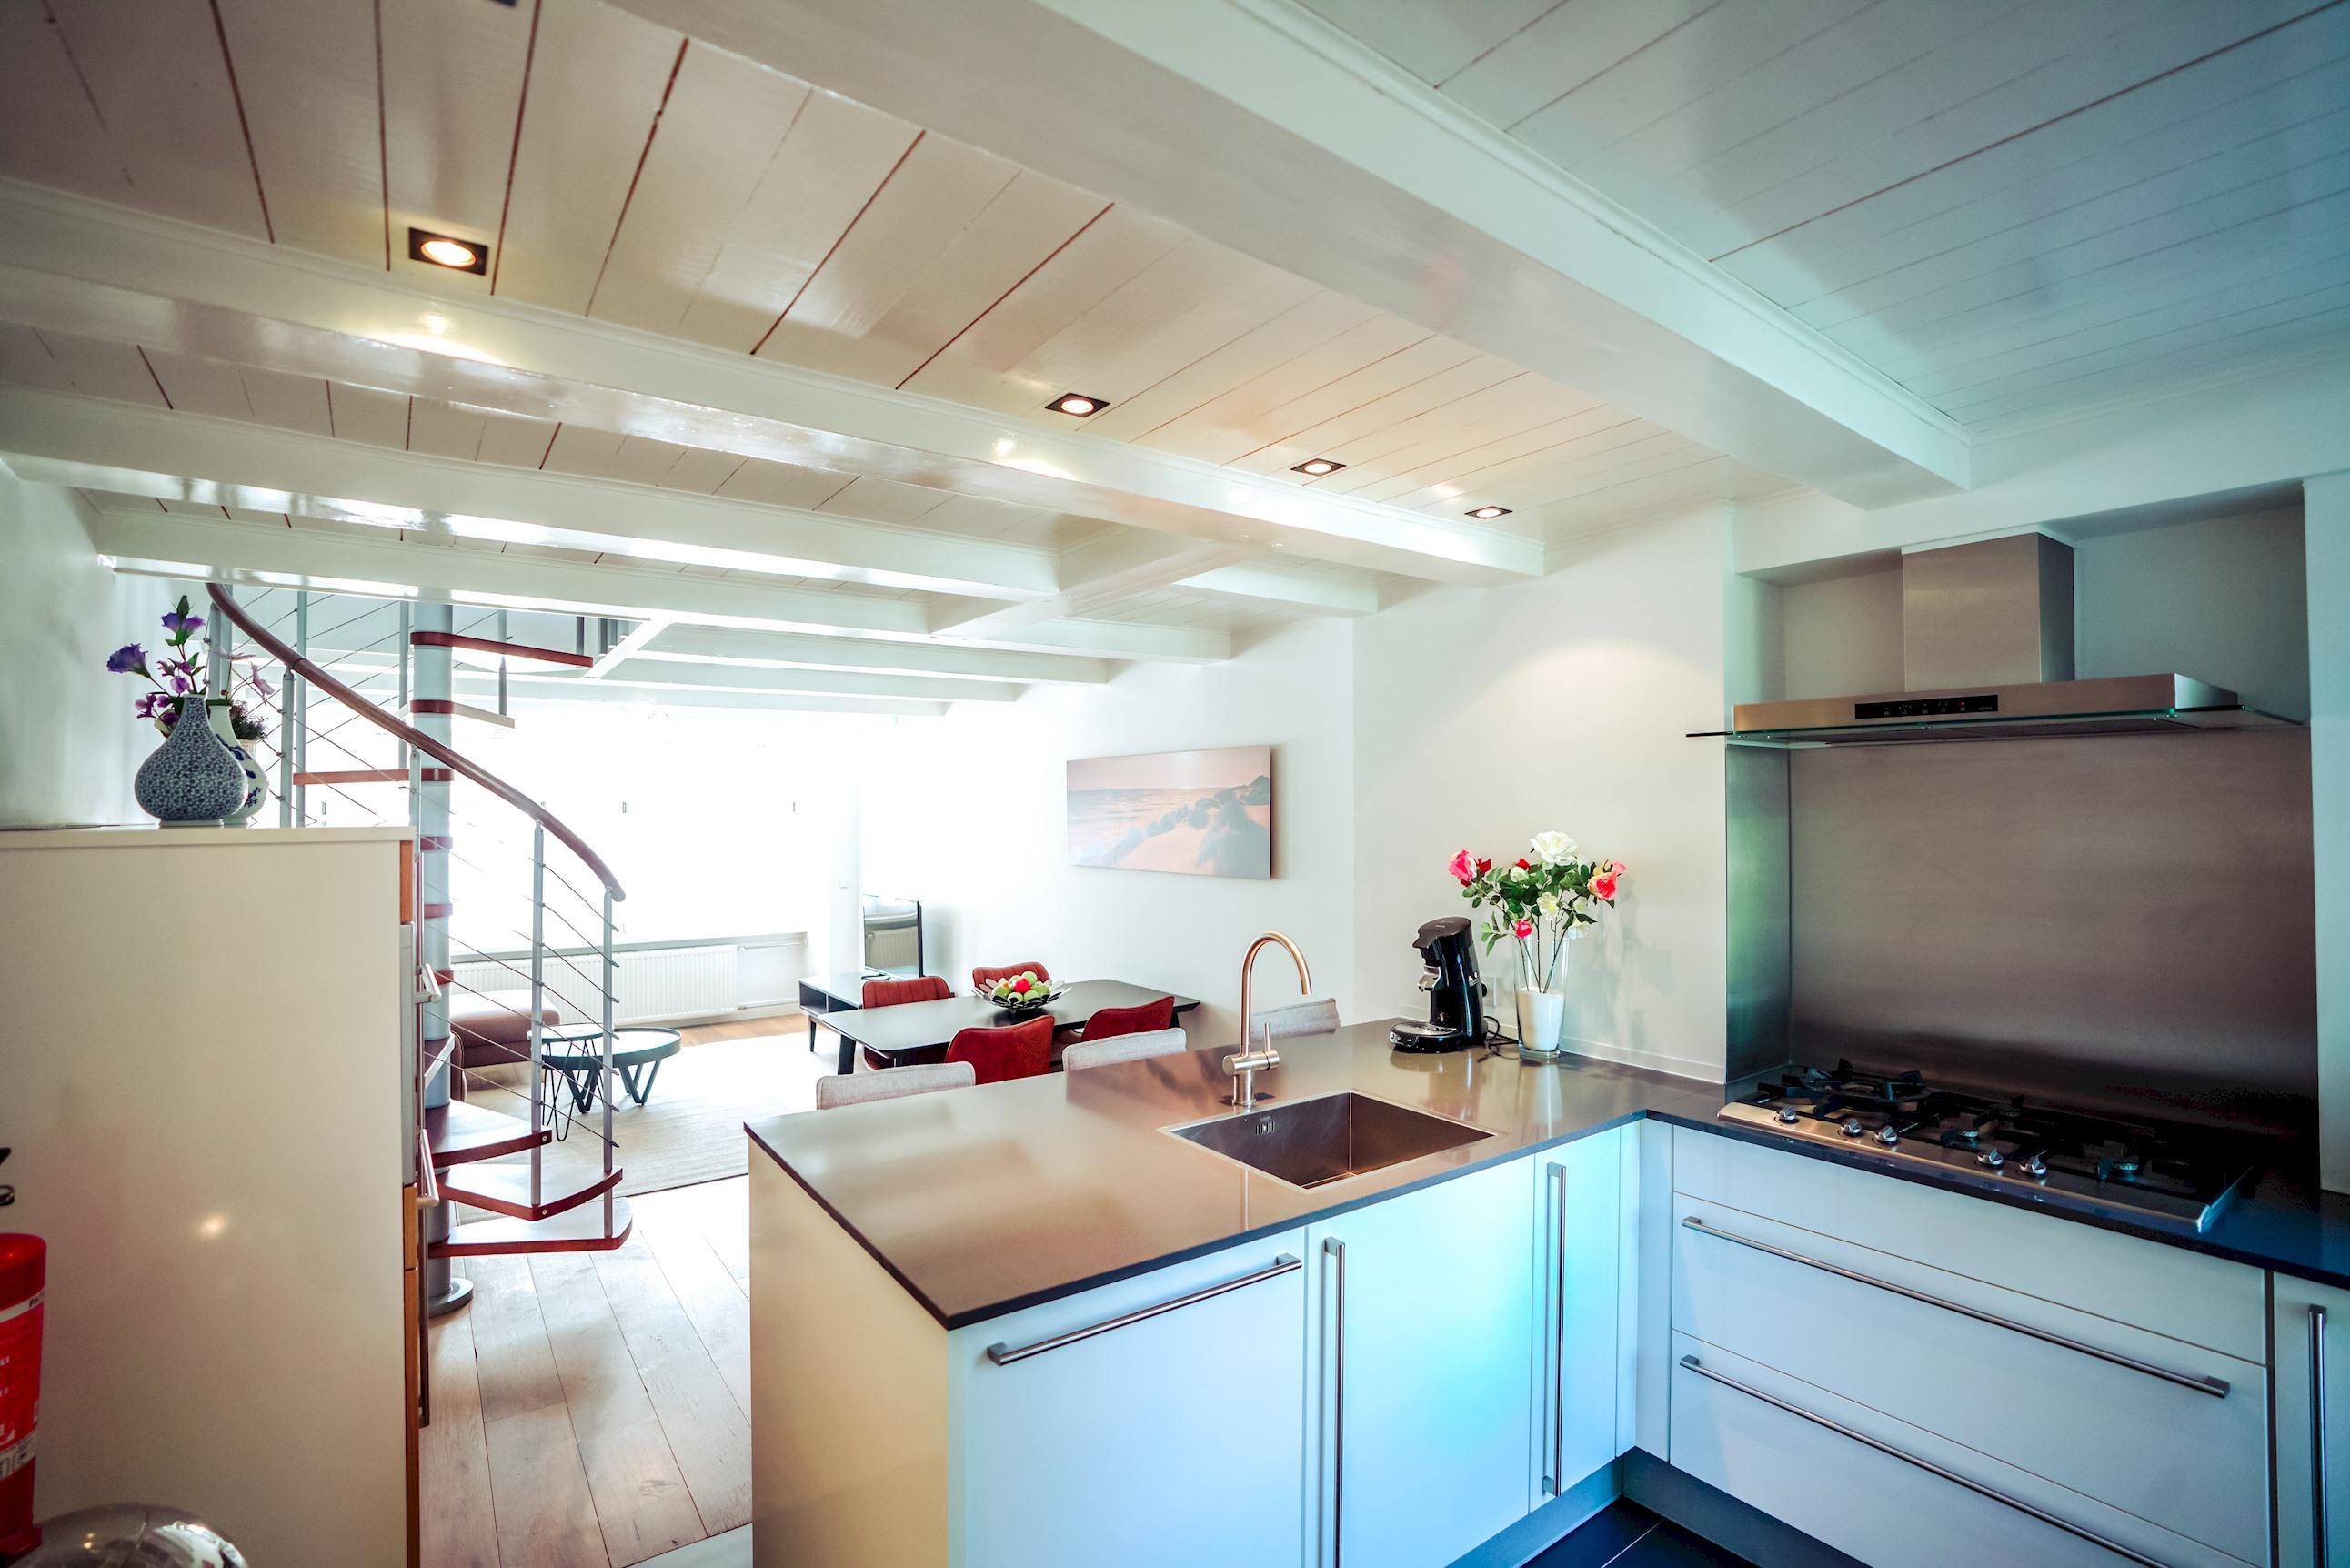 Apartment Amsterdam Apartments Leidsesquare Second Floor Duplex photo 20331122